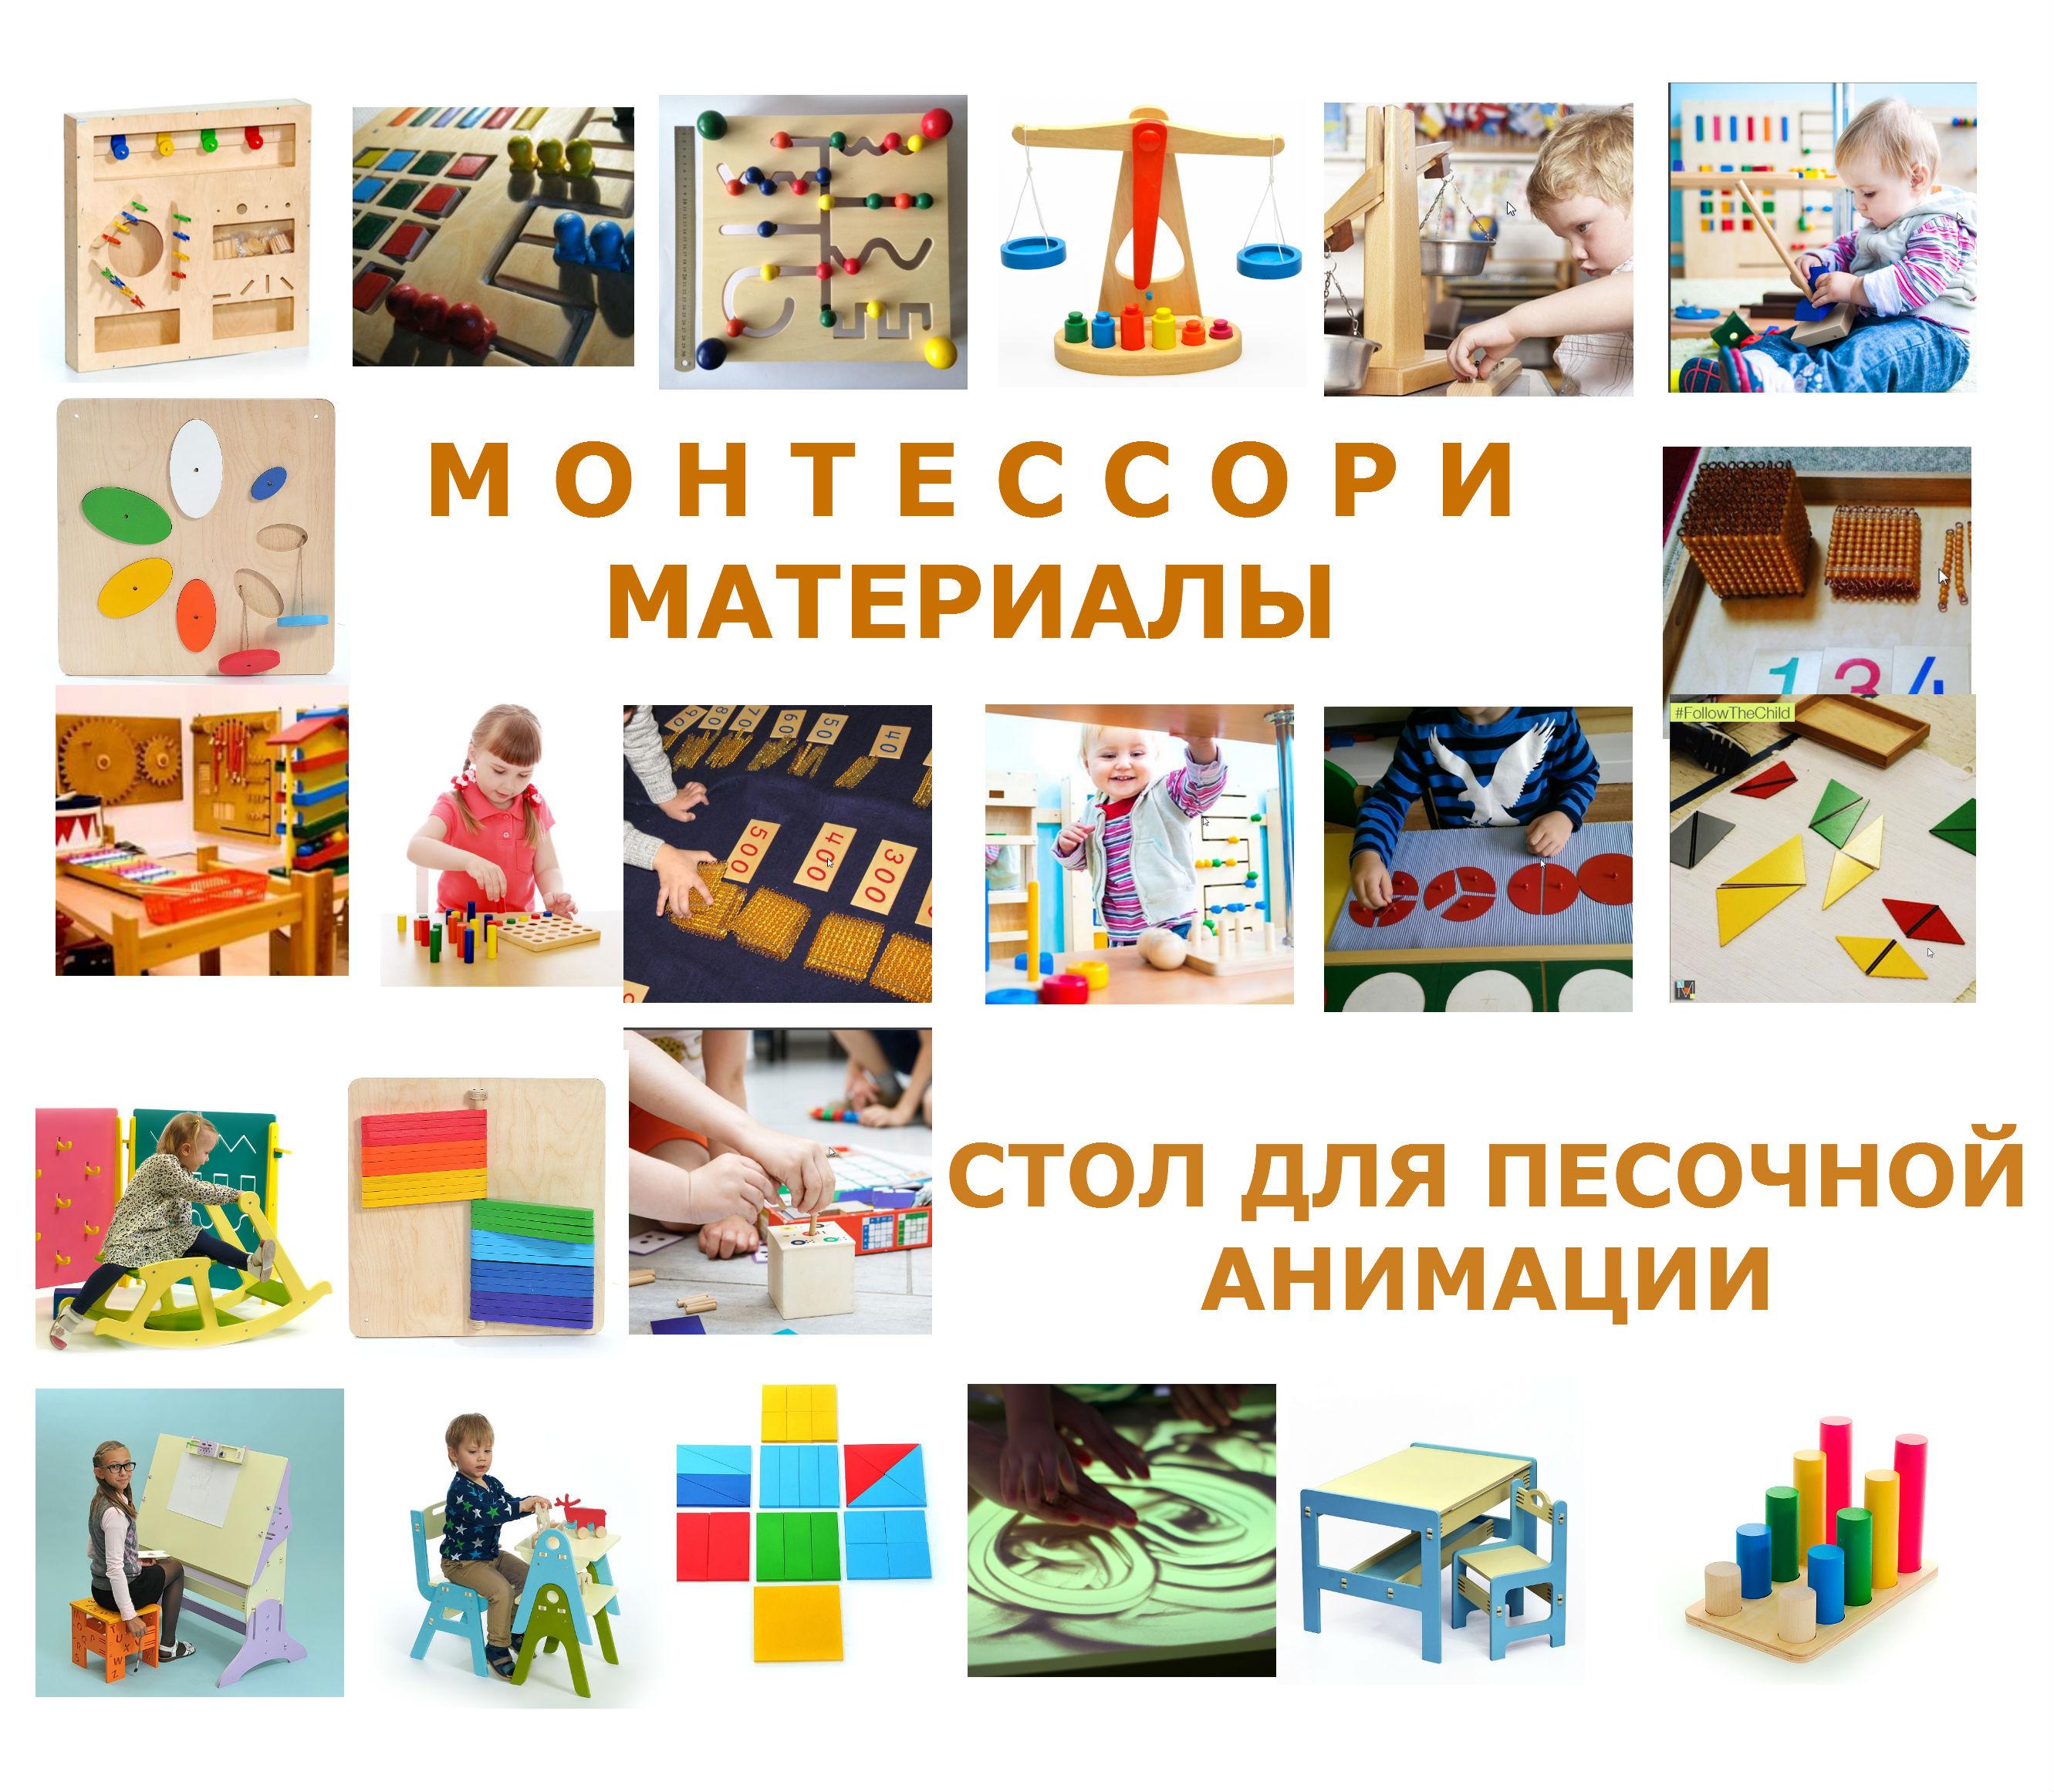 Сбор заказов. Аналоги игрушек монтессори, световой стол для песочной анимации, развивающие игрушки